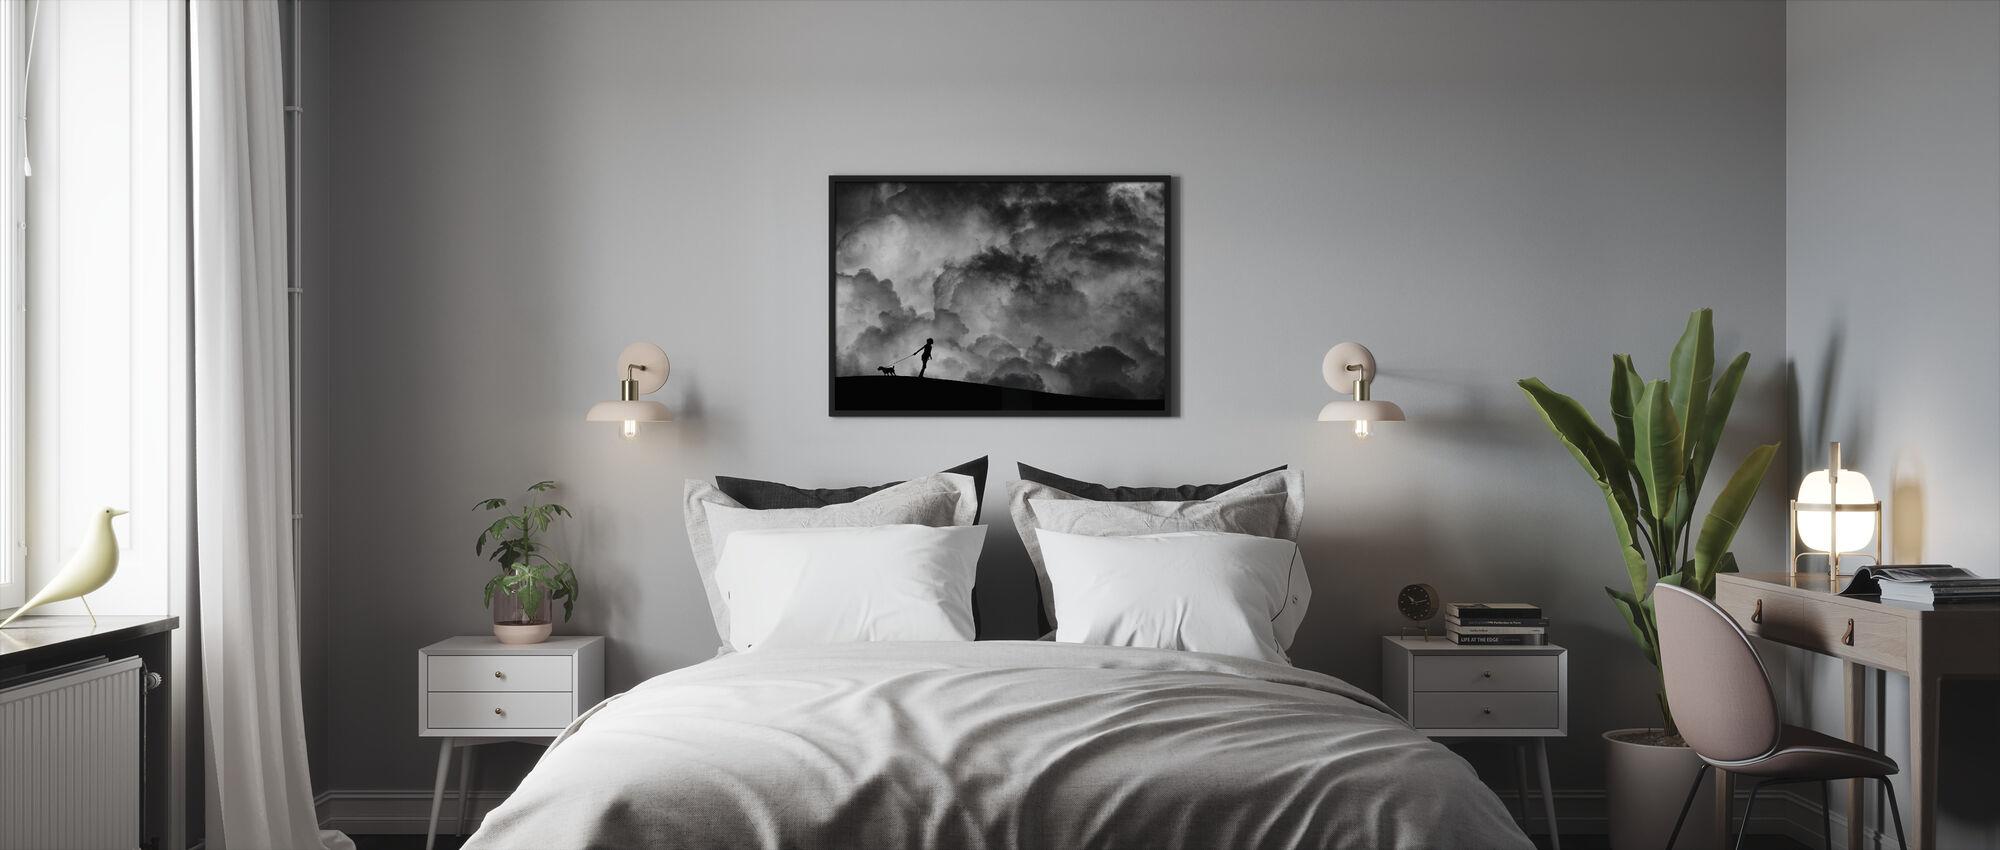 Alkusoitto Unelmalle, mustavalkoinen - Kehystetty kuva - Makuuhuone